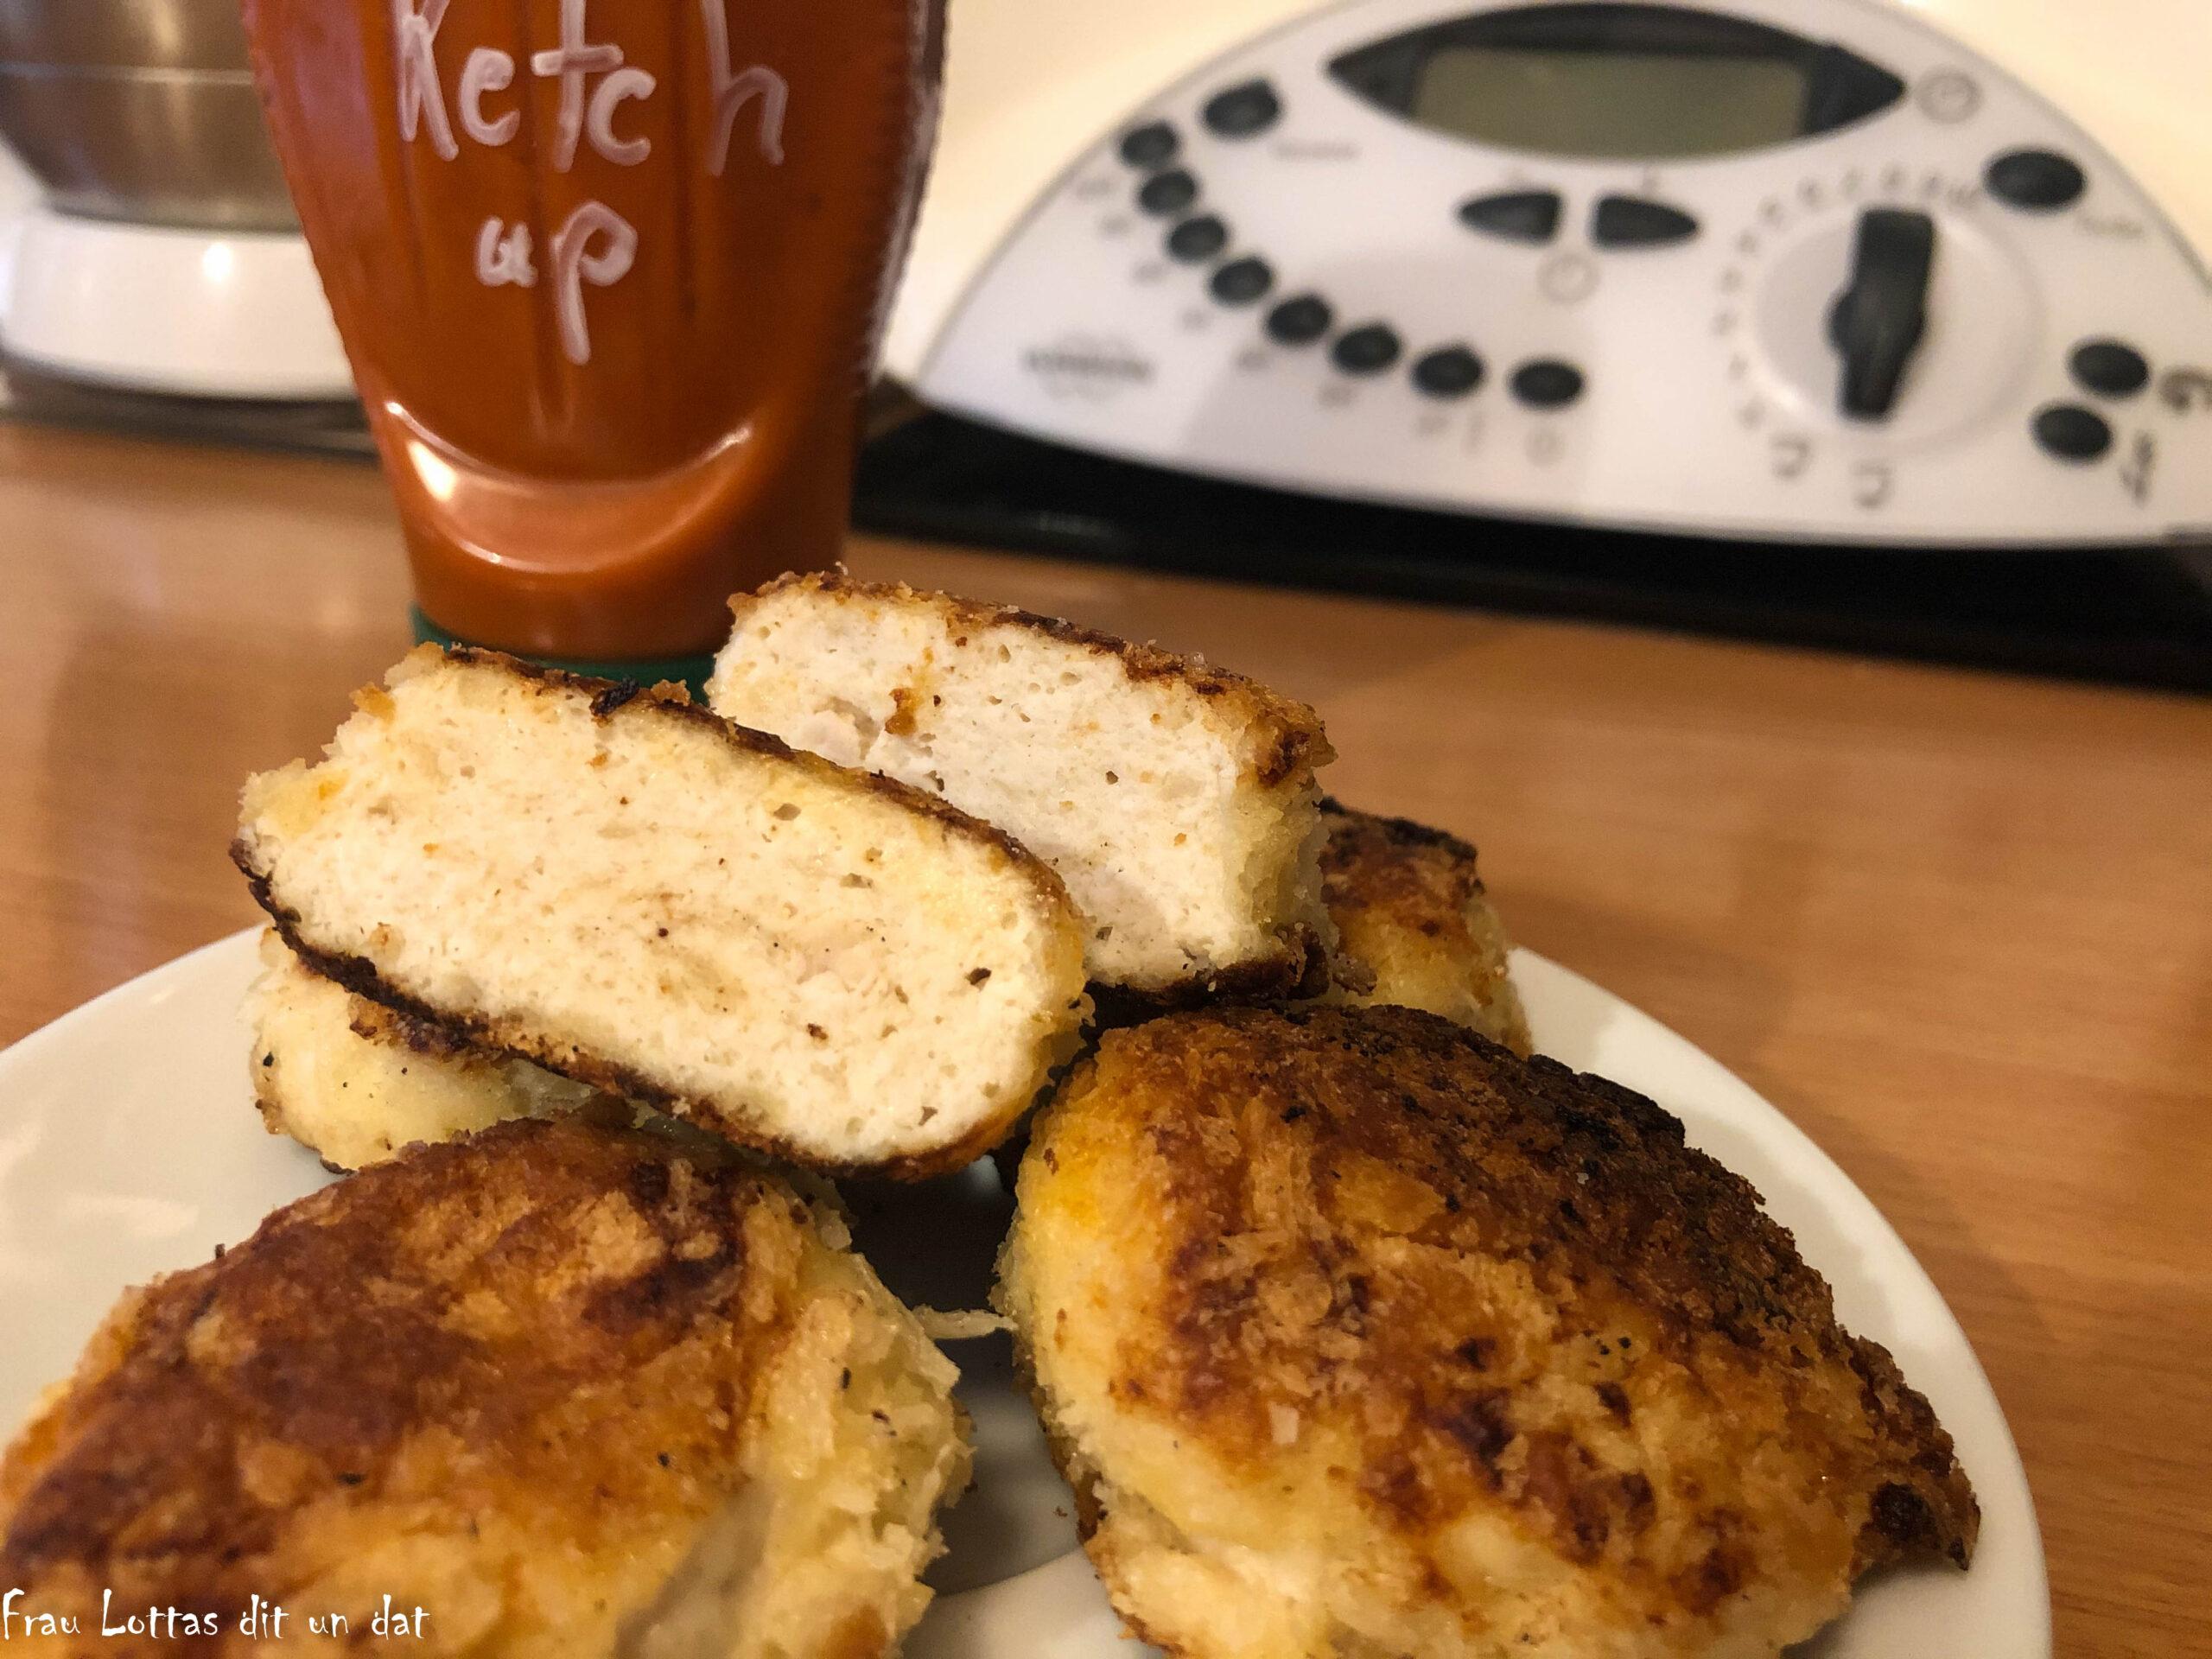 fertige Hähnchennuggets auf einem Teller